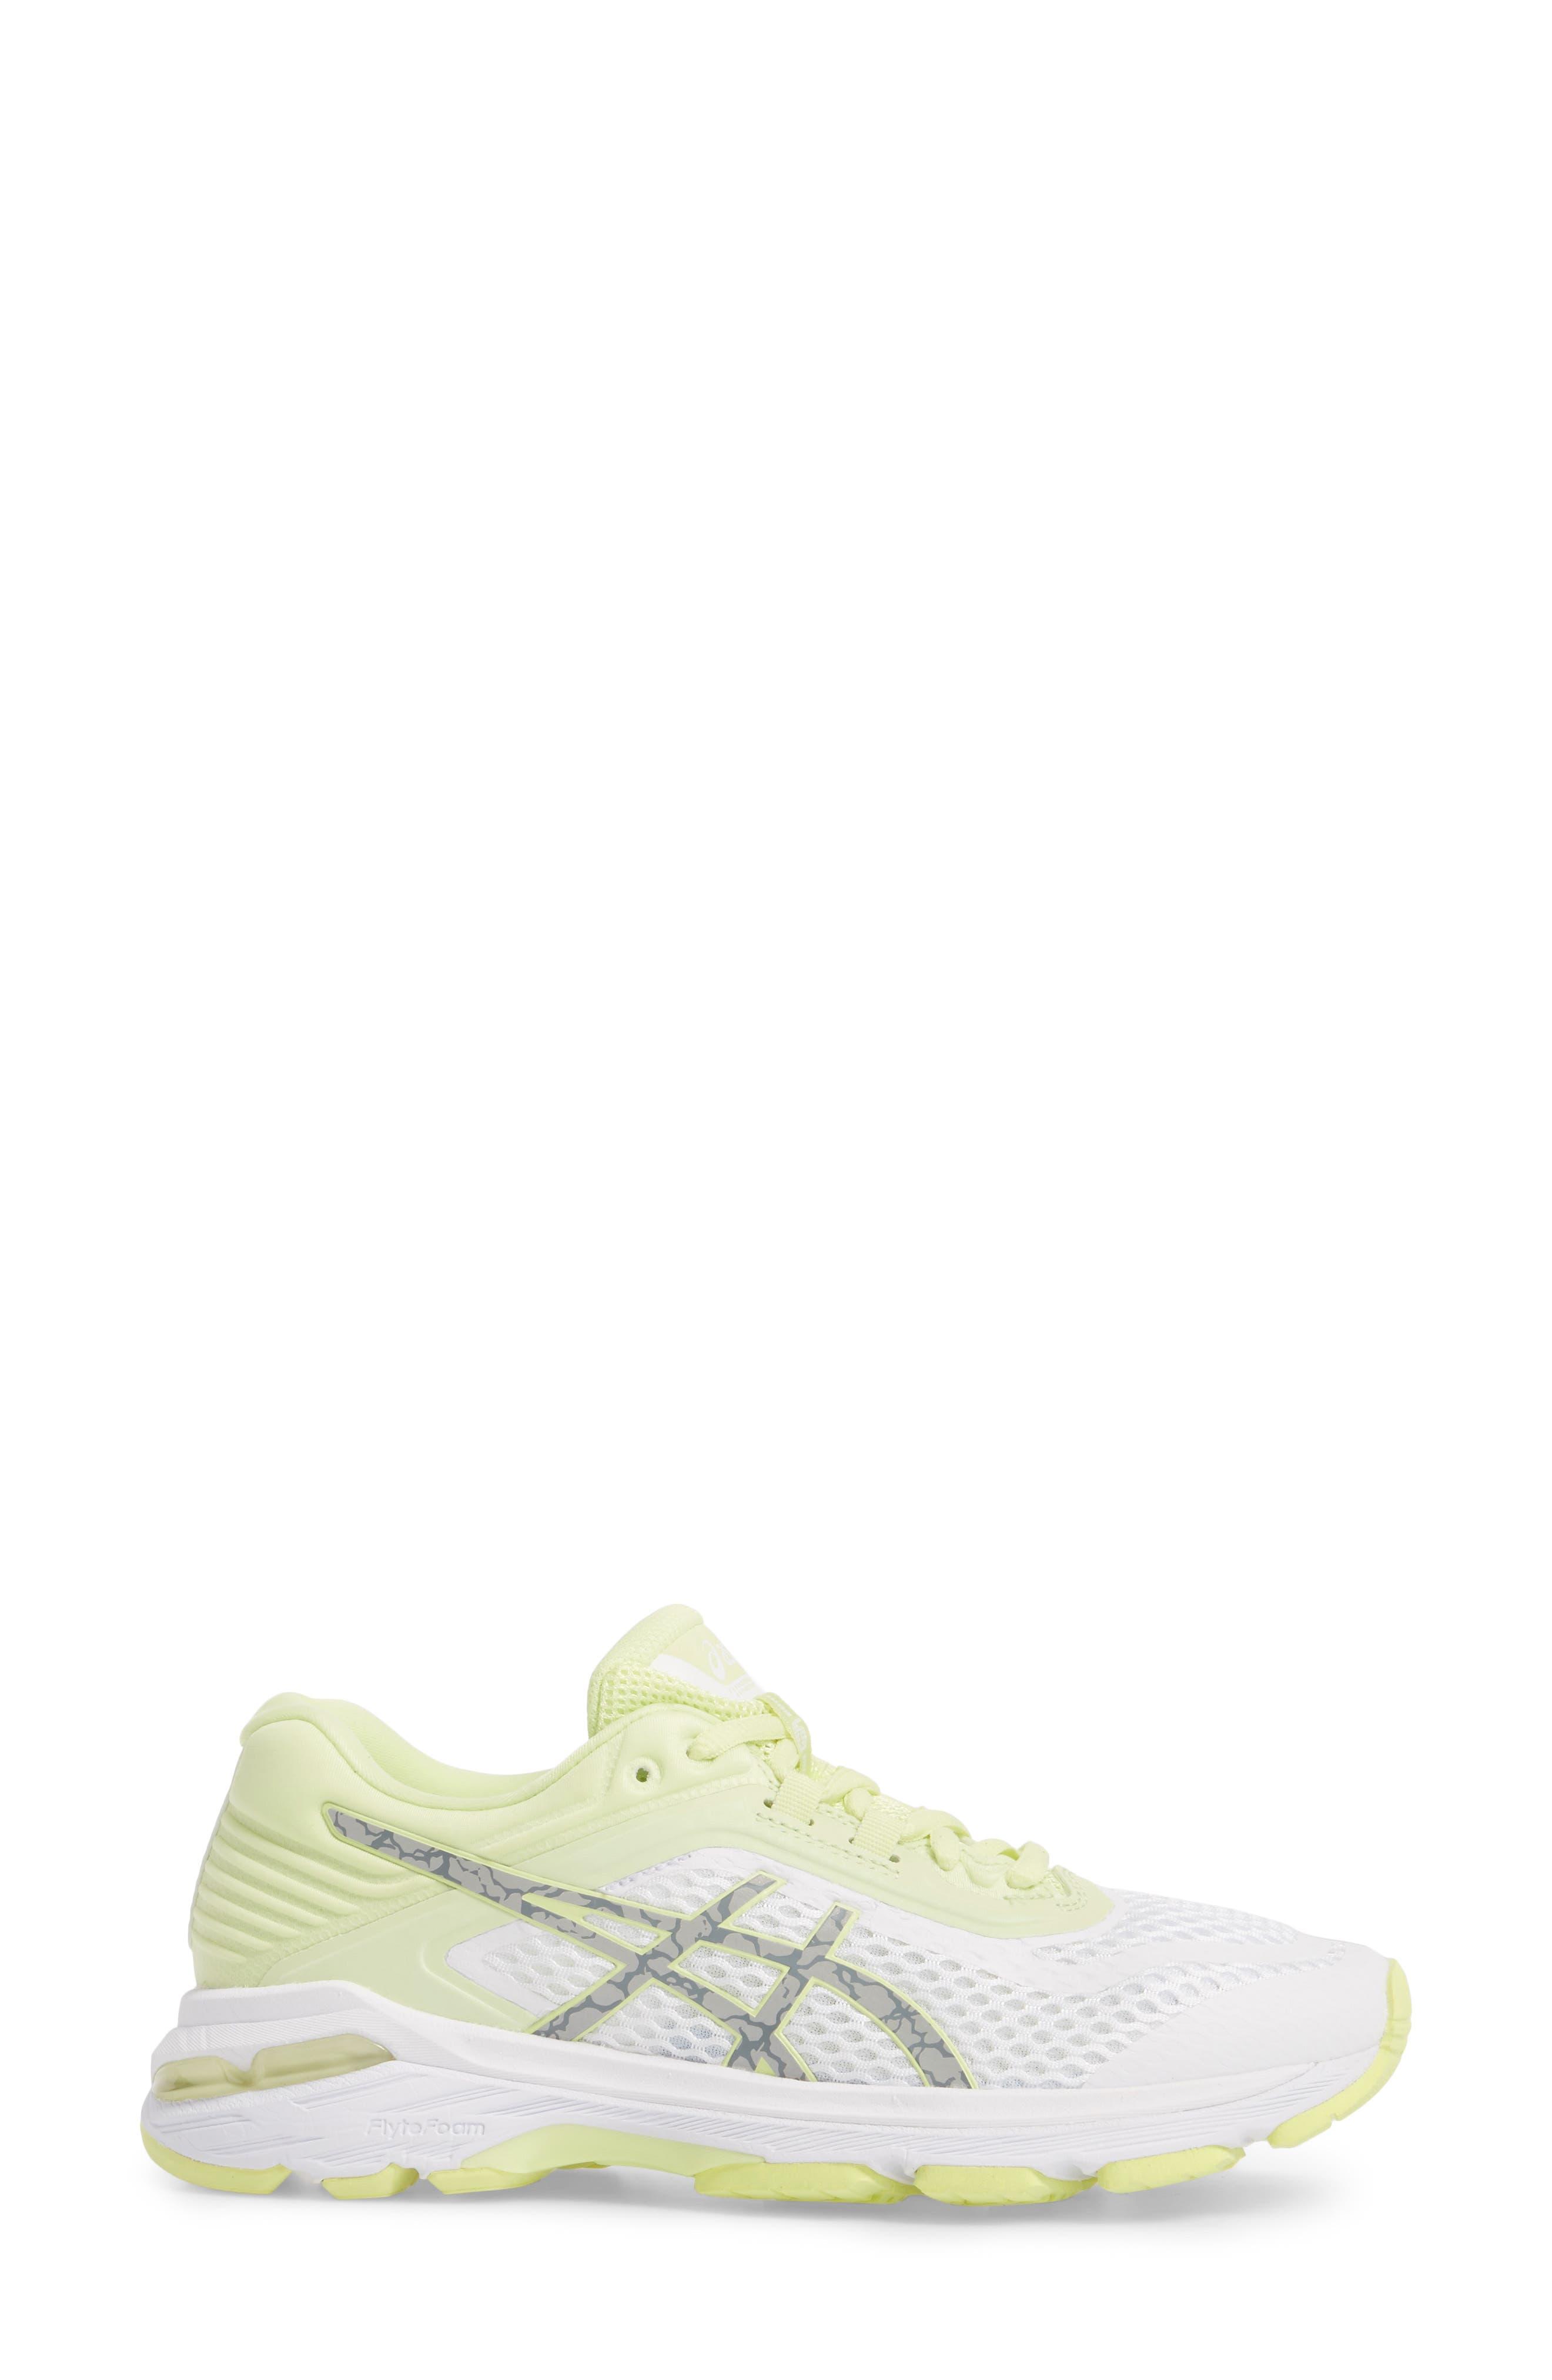 GT-2000 6 Running Shoe,                             Alternate thumbnail 3, color,                             White/ Silver/ Limelight